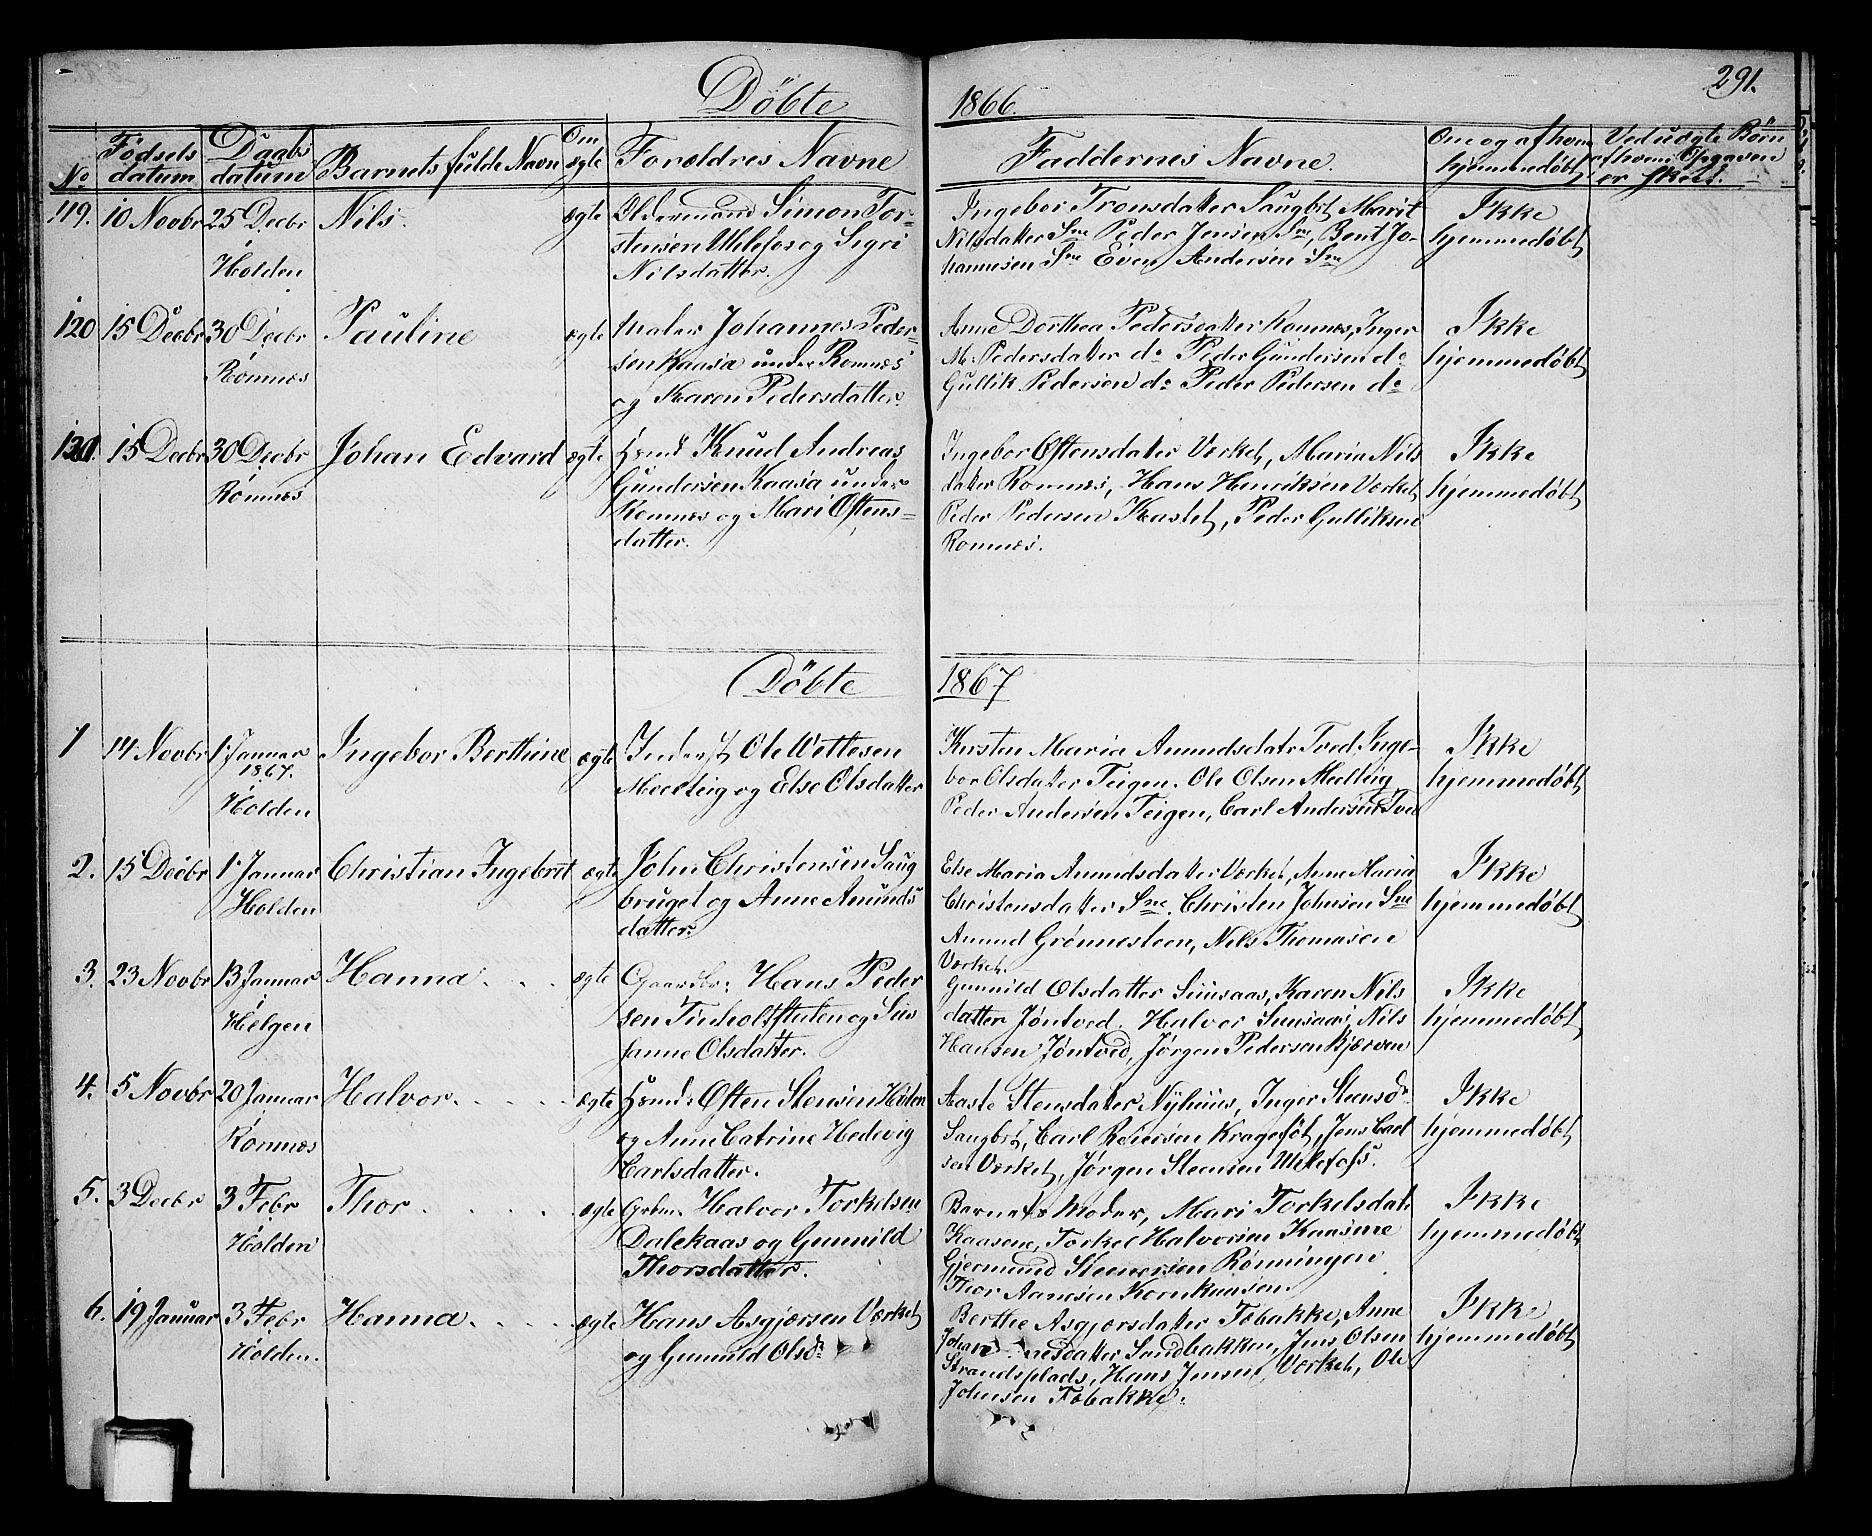 SAKO, Holla kirkebøker, G/Ga/L0003: Klokkerbok nr. I 3, 1849-1866, s. 291